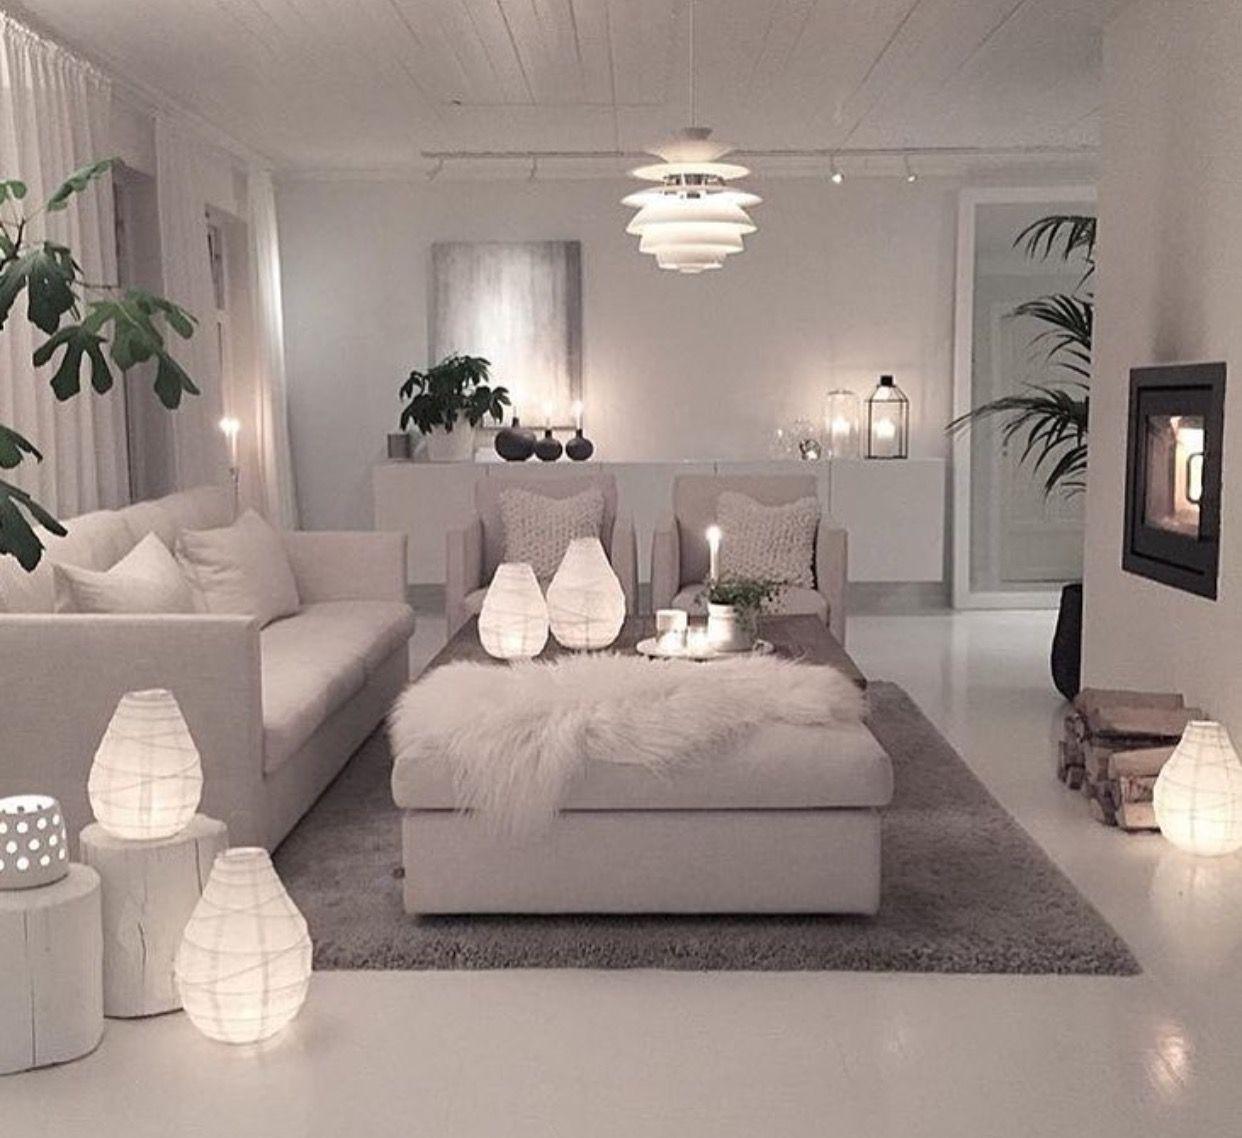 Home Homedecor Homedecorideas Storage Beautiful Modern Life Lounge Livingroom Home Sofa White Dream Apartment Decor Room Interior Home Living Room #white #modern #living #room #ideas